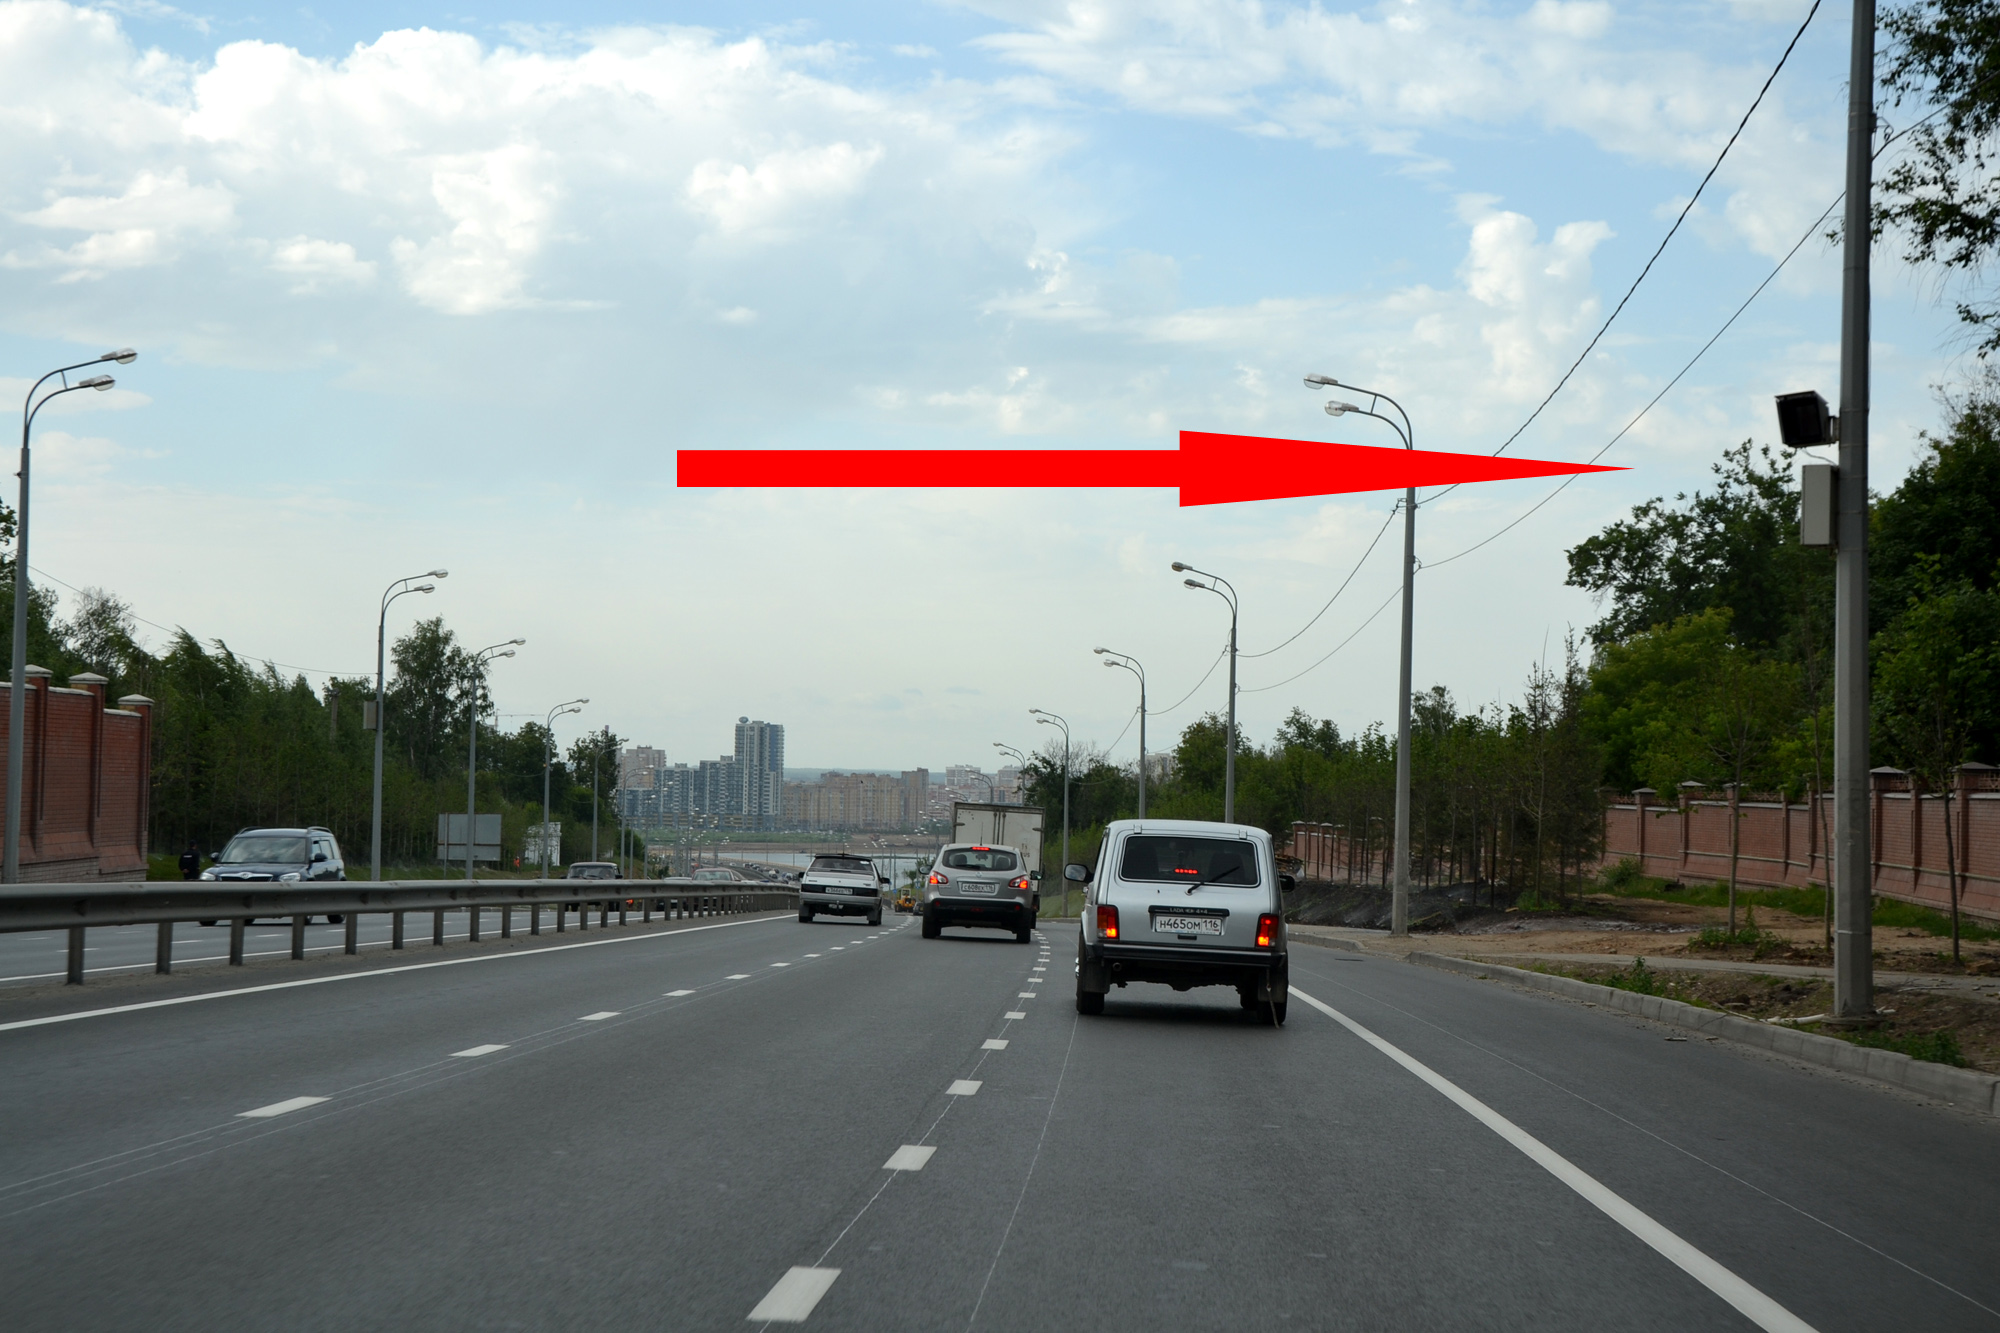 Камеры-невидимки в Казани